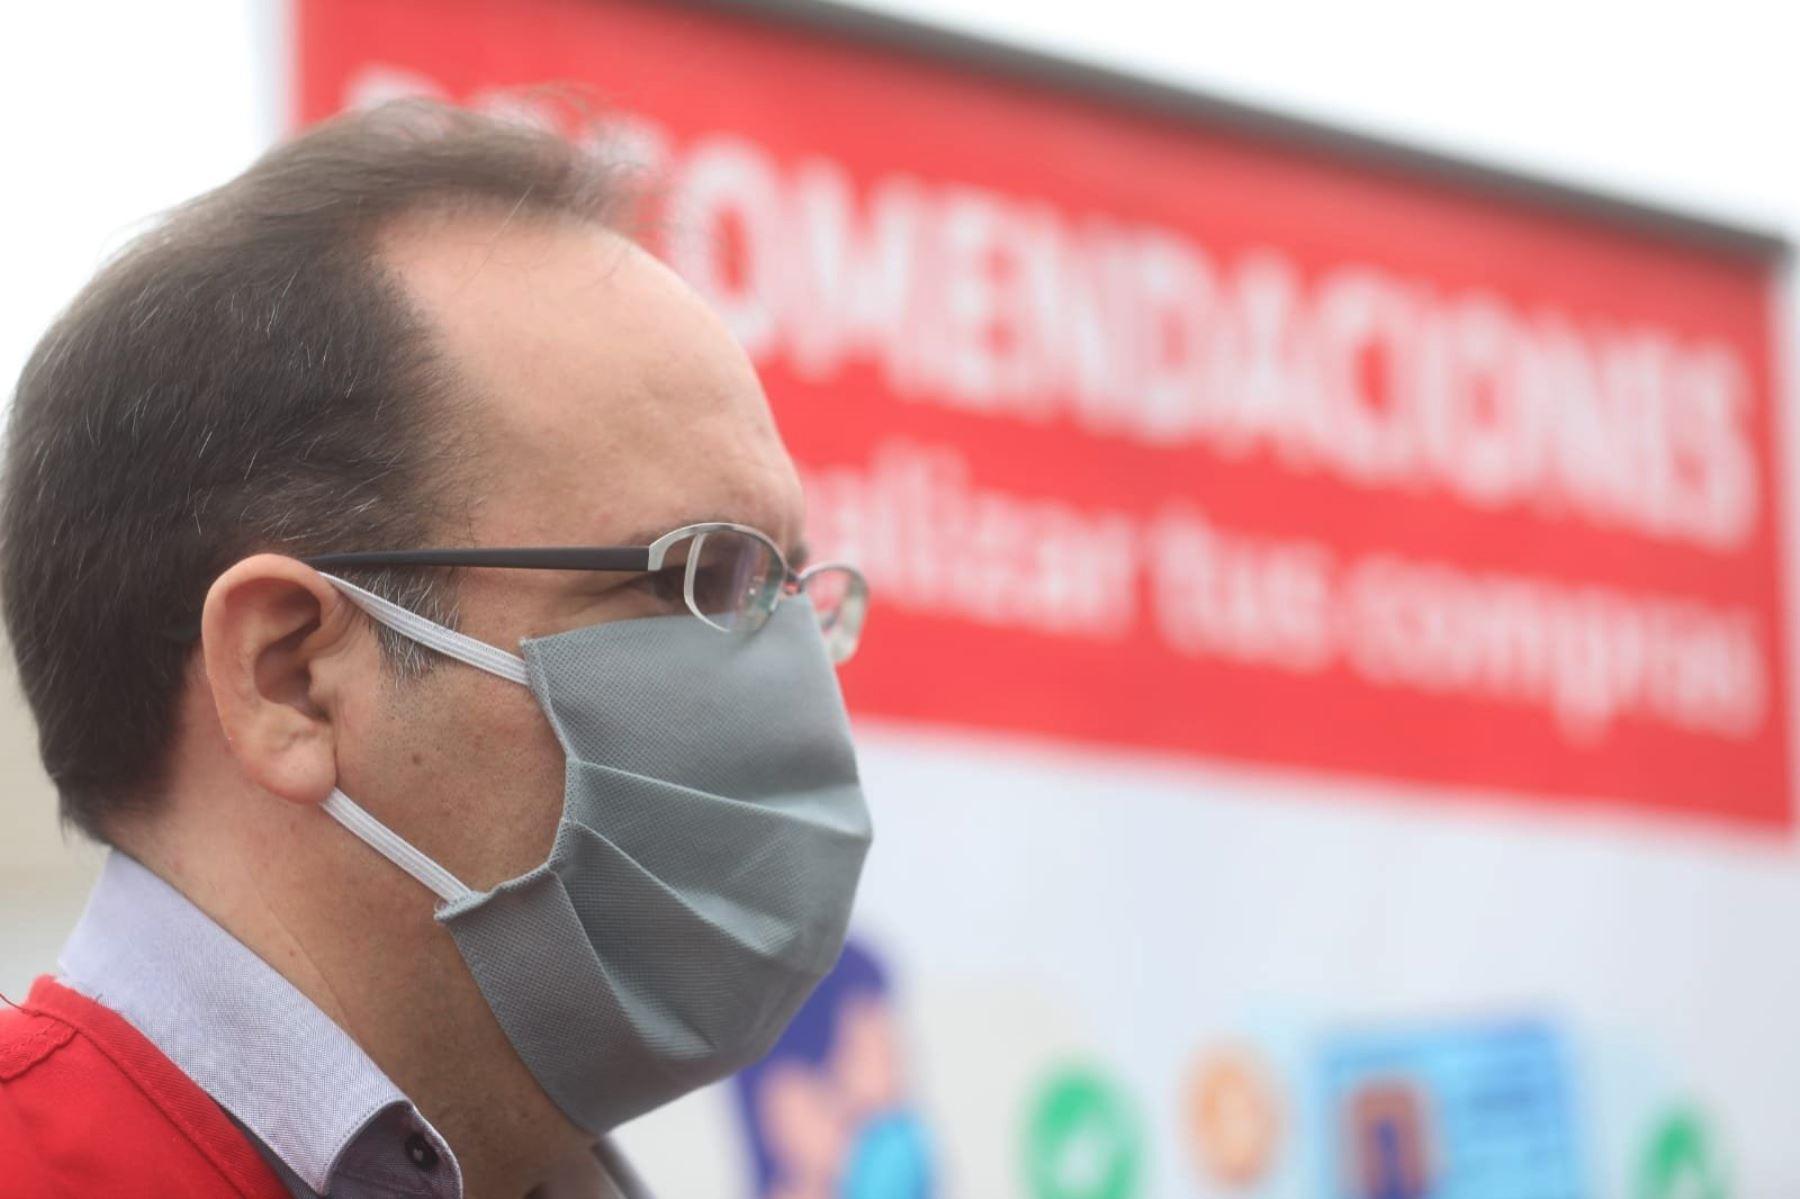 Viceministro de Mype e Industria, José Salardi  y el alcalde de Lima, Jorge Muñoz, participan   en la presentación de medidas de bioseguridad de comerciantes autorizados para laborar en la vía pública. Foto: Ministerio de la Producción